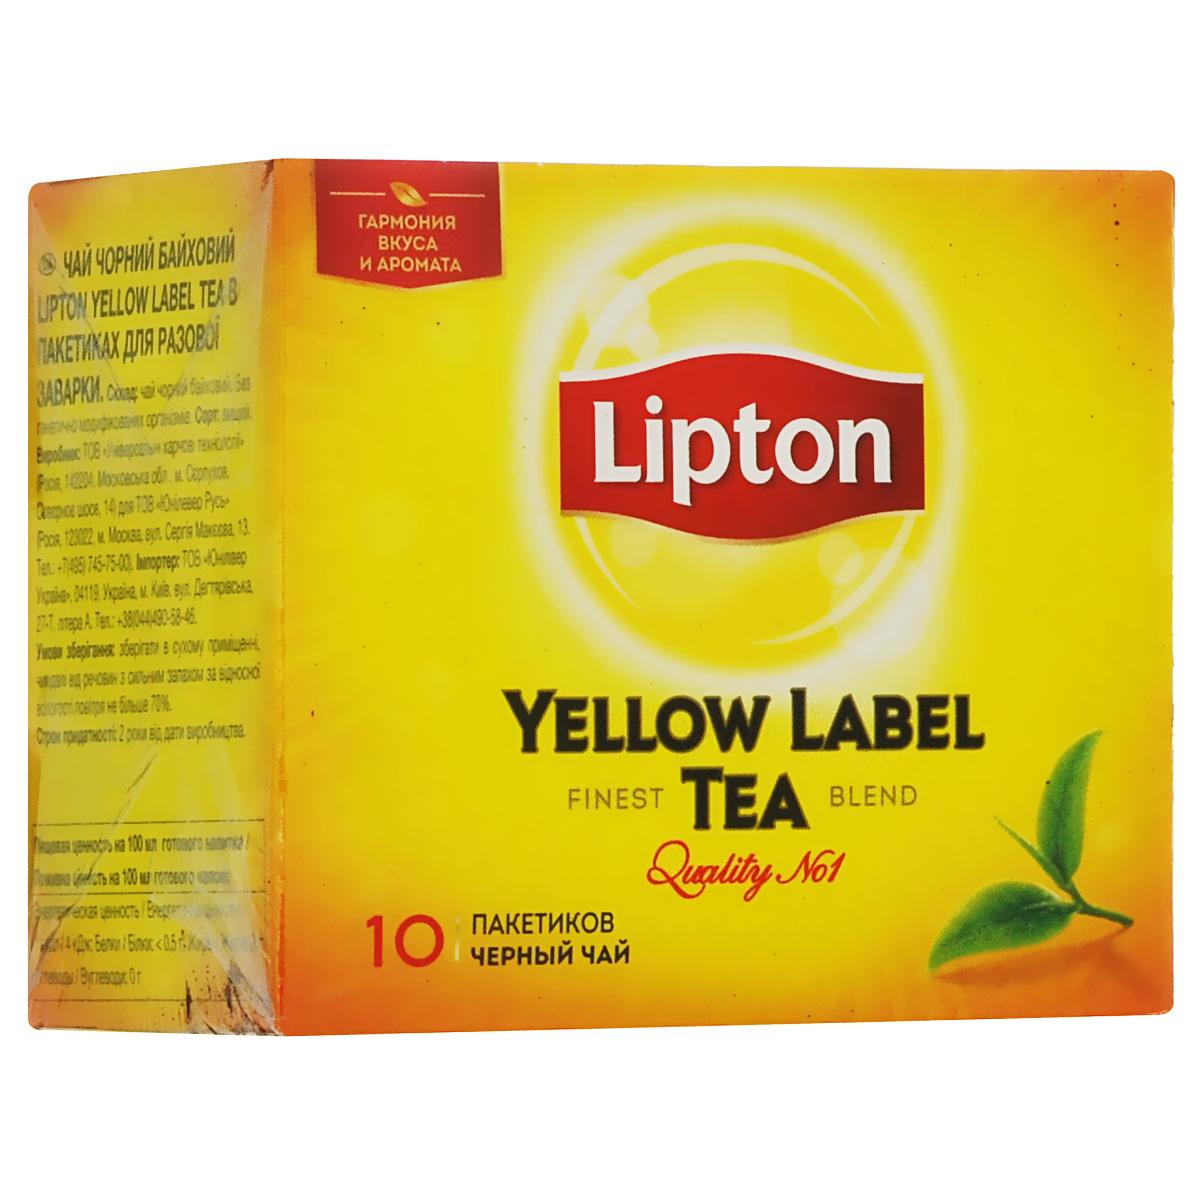 Lipton Yellow Label Черный чай Черный 10 шт21187918/65417128Lipton Yellow Label - черный байховый чай в пакетиках для разовой заварки. Специалисты Lipton внимательно следят за каждым этапом создания чая, начиная с рождения чайного листа и заканчивая купажированием, чтобы Вы могли в полной мере насладиться гармонией вкуса и аромата черного чая Lipton Yellow Label. Нежные чайные листочки, выращенные под теплыми лучами солнца, дарят чаю Lipton насыщенный вкус и превосходный богатый аромат. Ощутите тепло солнца в каждой чашке чая Lipton.